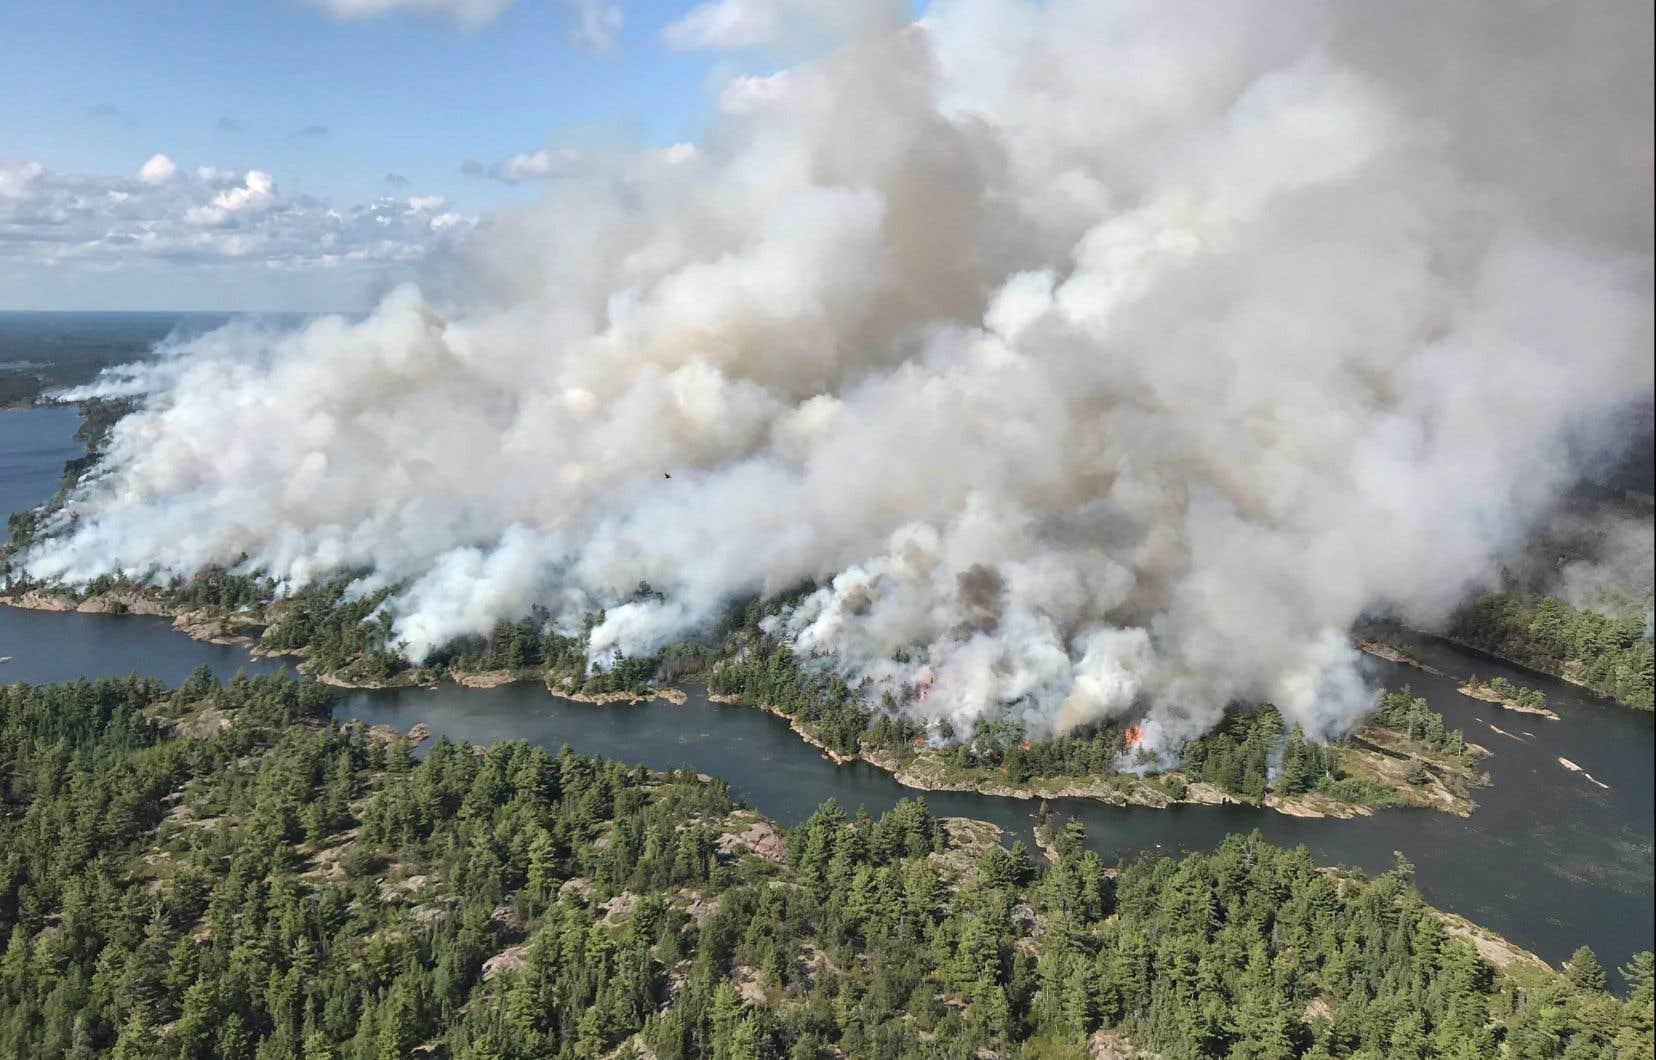 Le feu «Parry Sound 33», qui fait rage depuis 10 jours, est le plus important, puisqu'il s'étend sur plus de 76 kilomètres carrés.